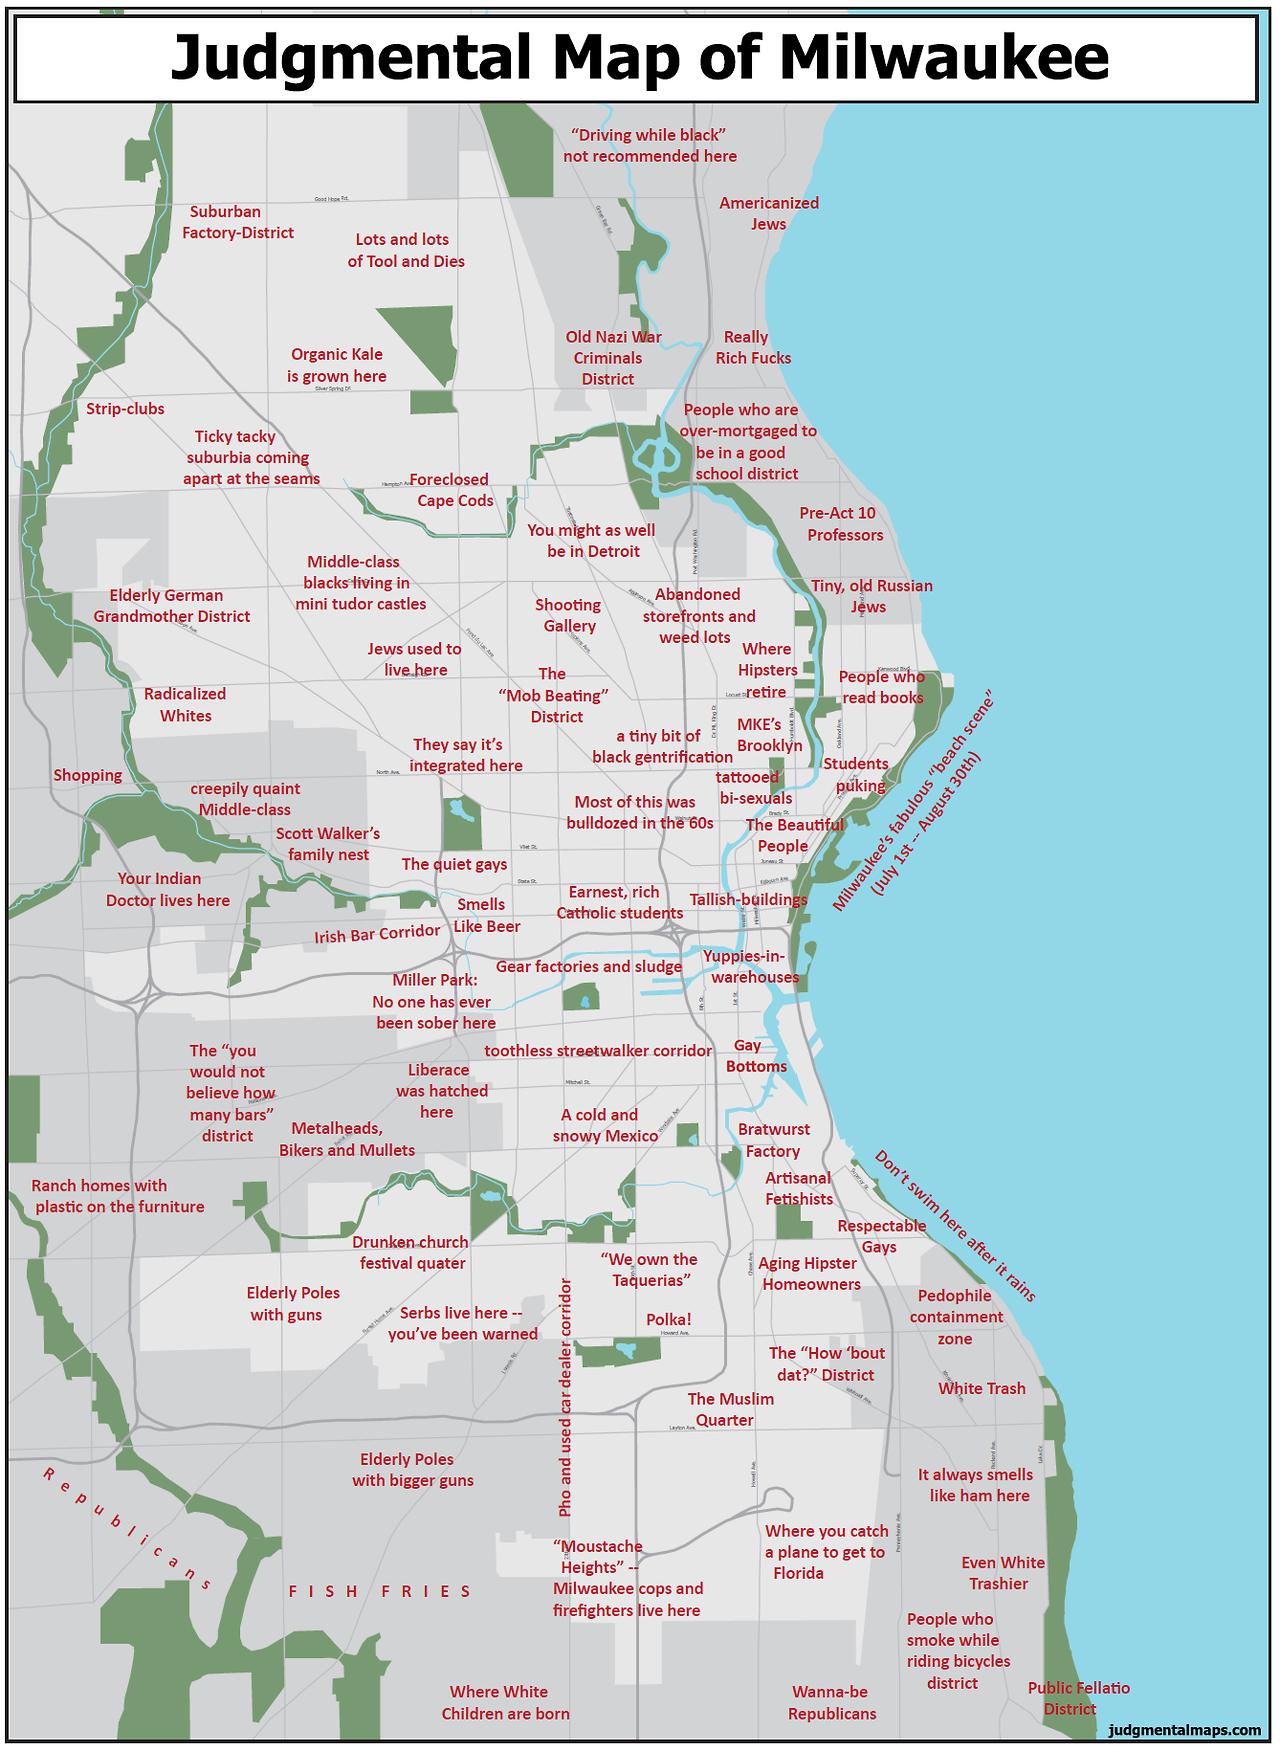 Chicago Judgemental Map